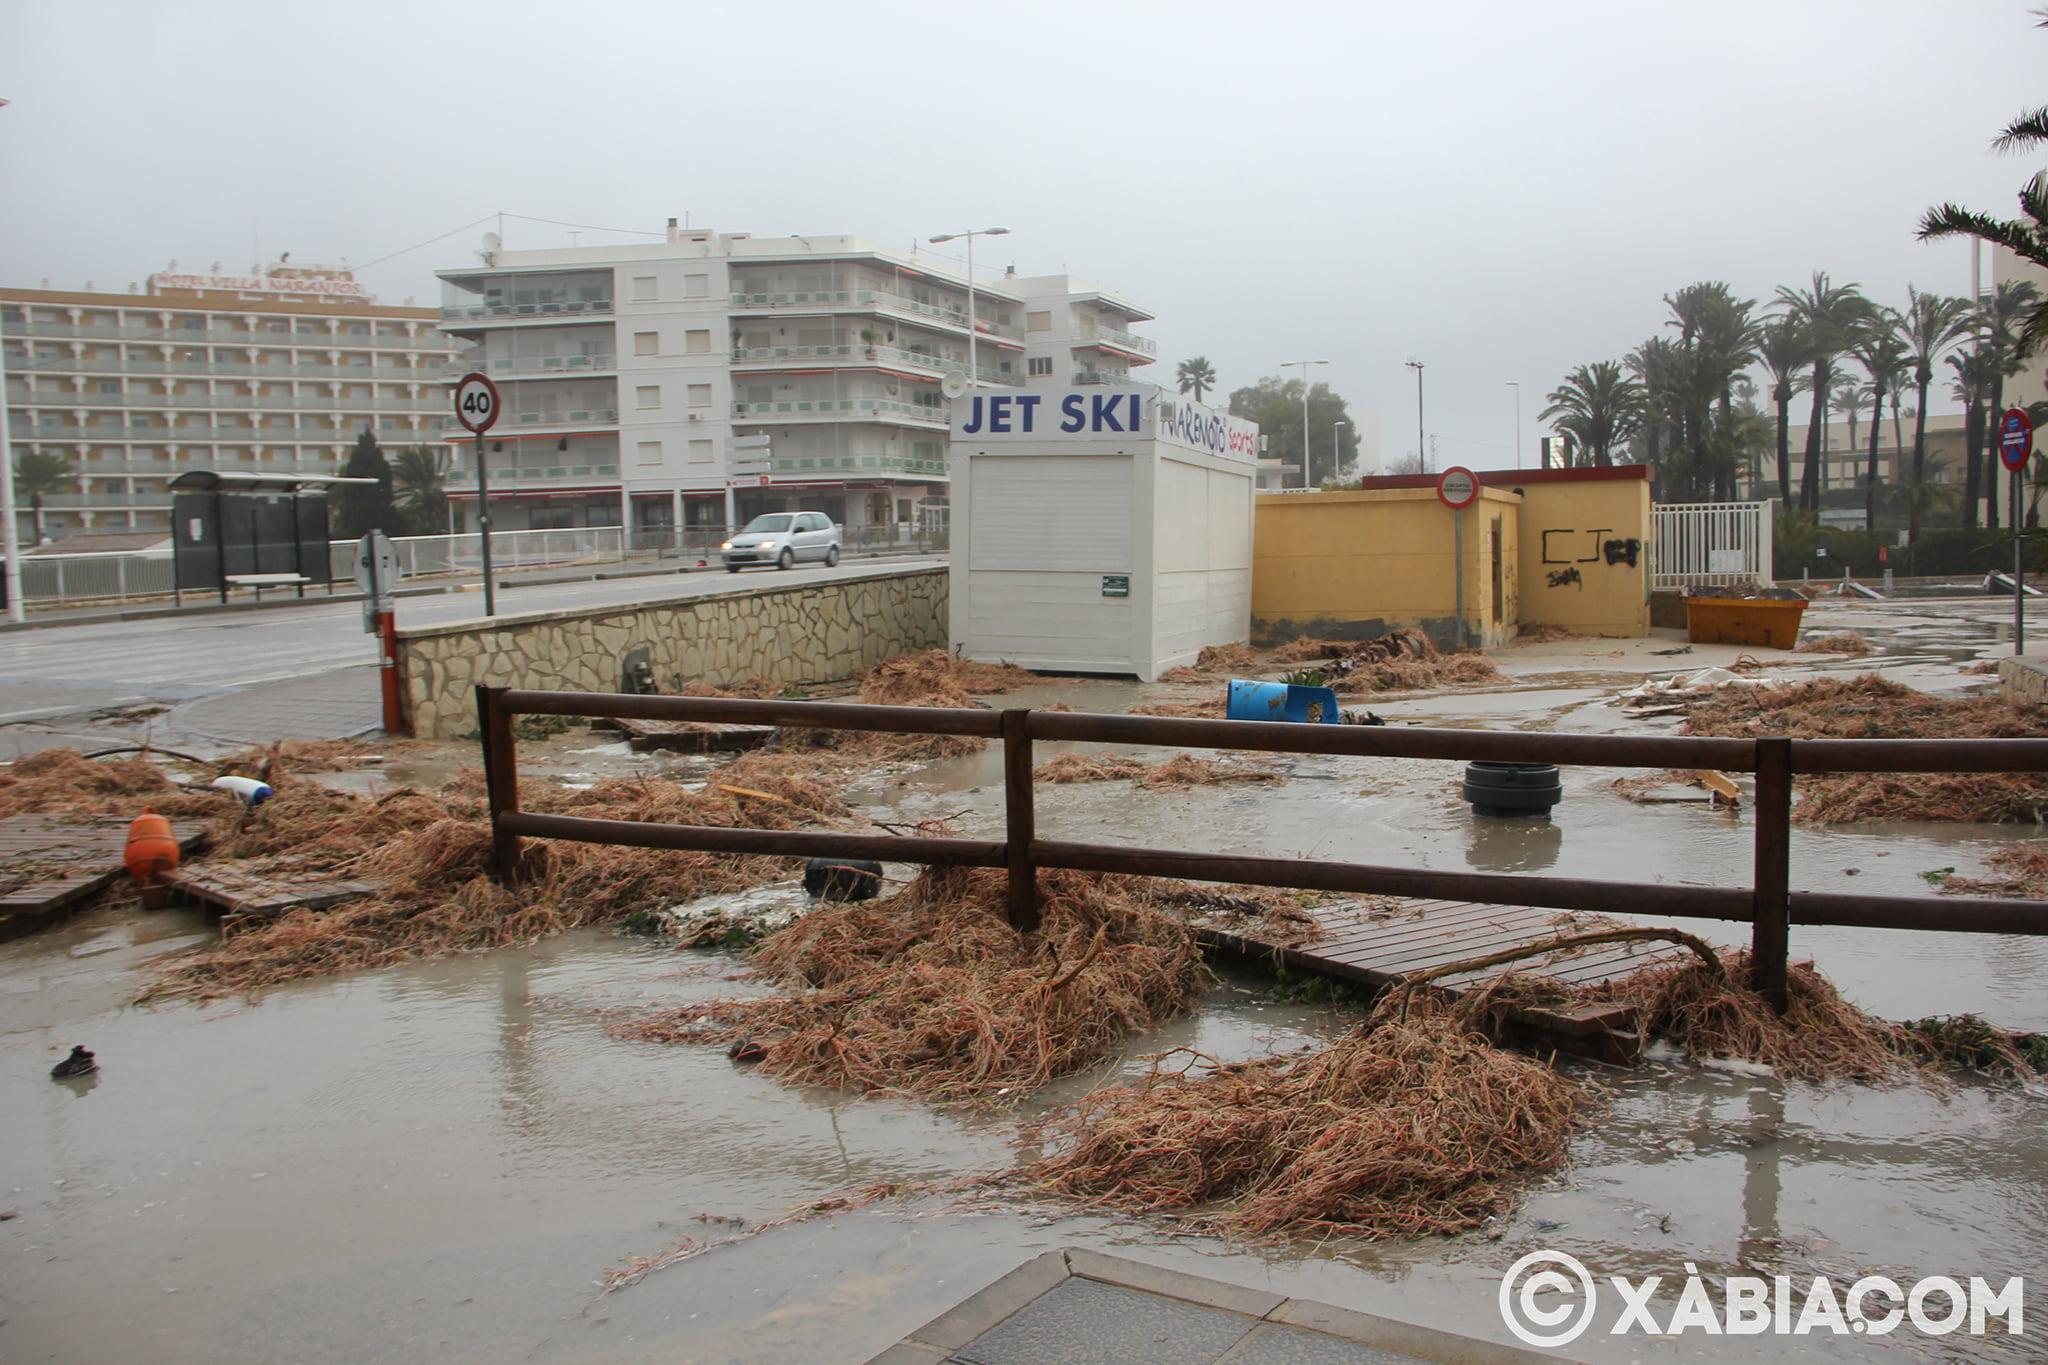 Brandelli di pioggia, vento e mare in Xàbia (40)